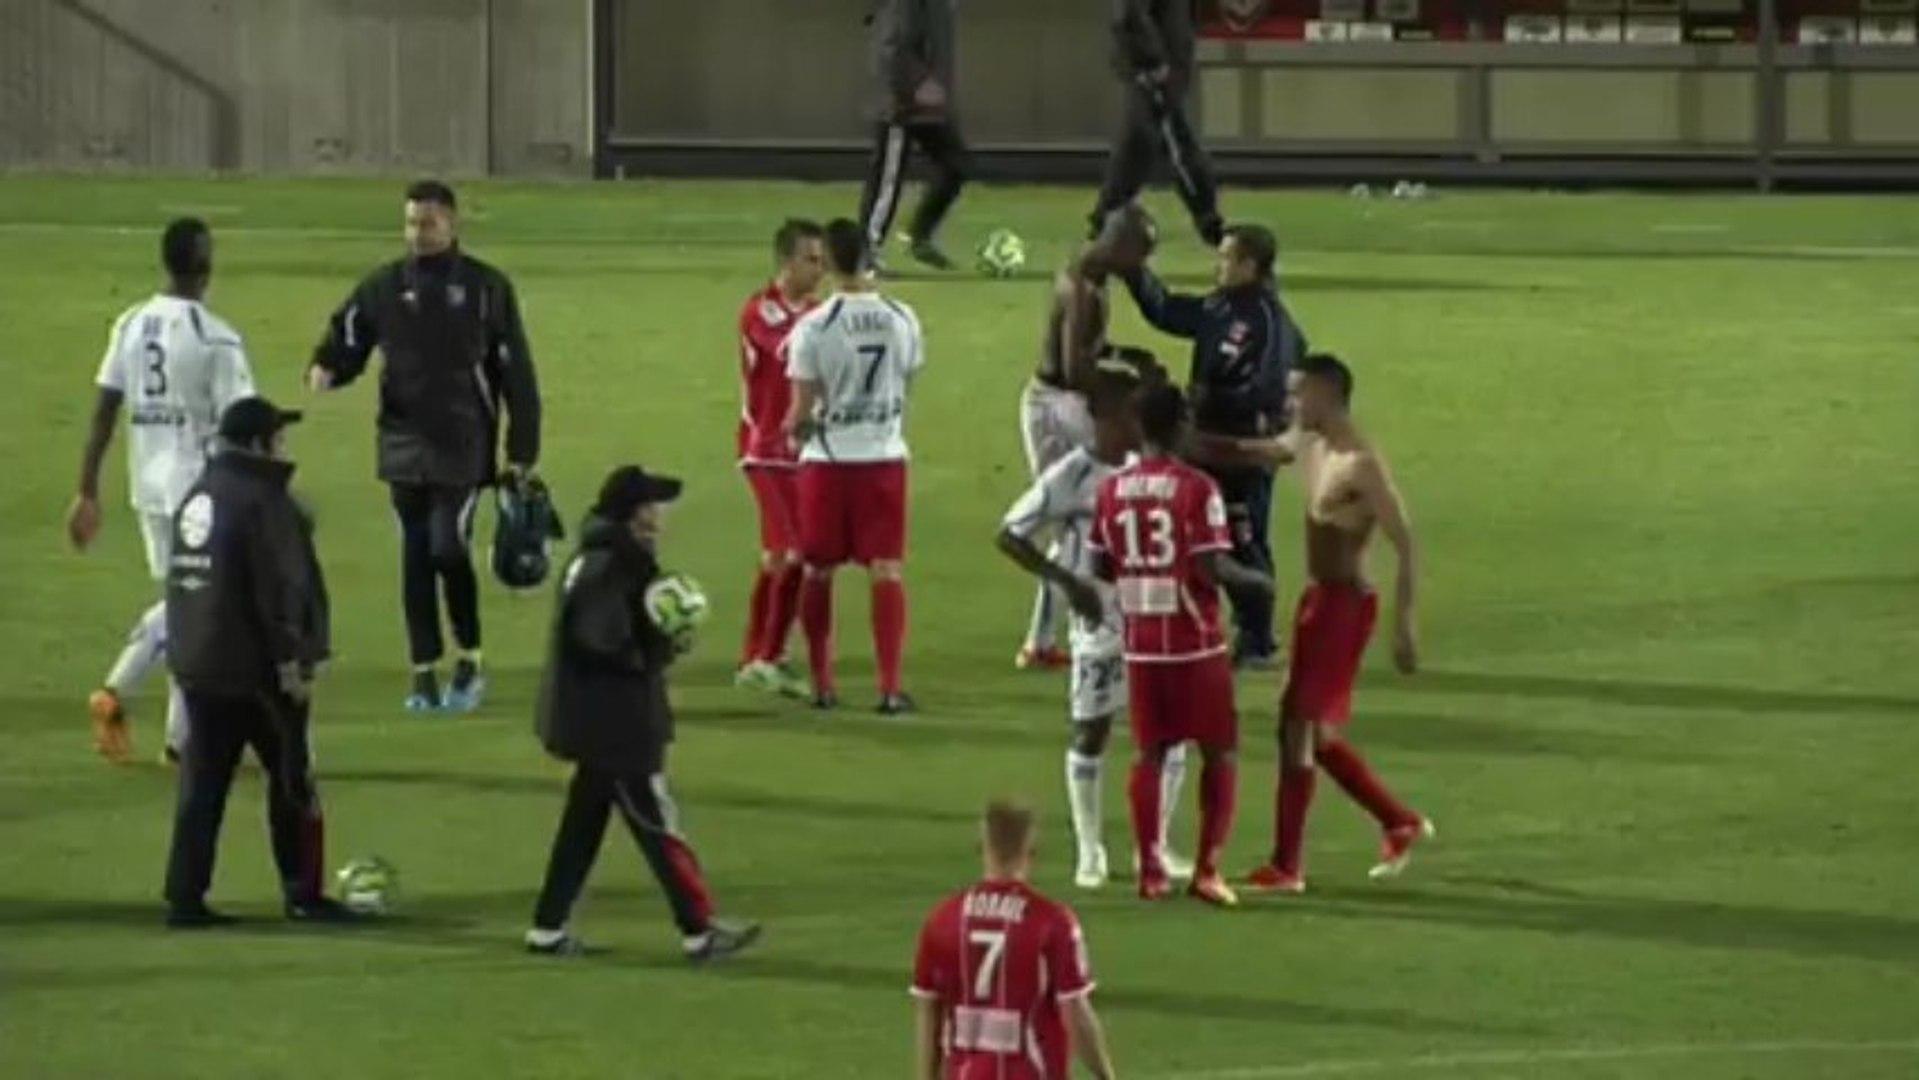 Nîmes Olympique (NIMES) - AJ Auxerre (AJA) Le résumé du match (38ème journée) - saison 2012/2013